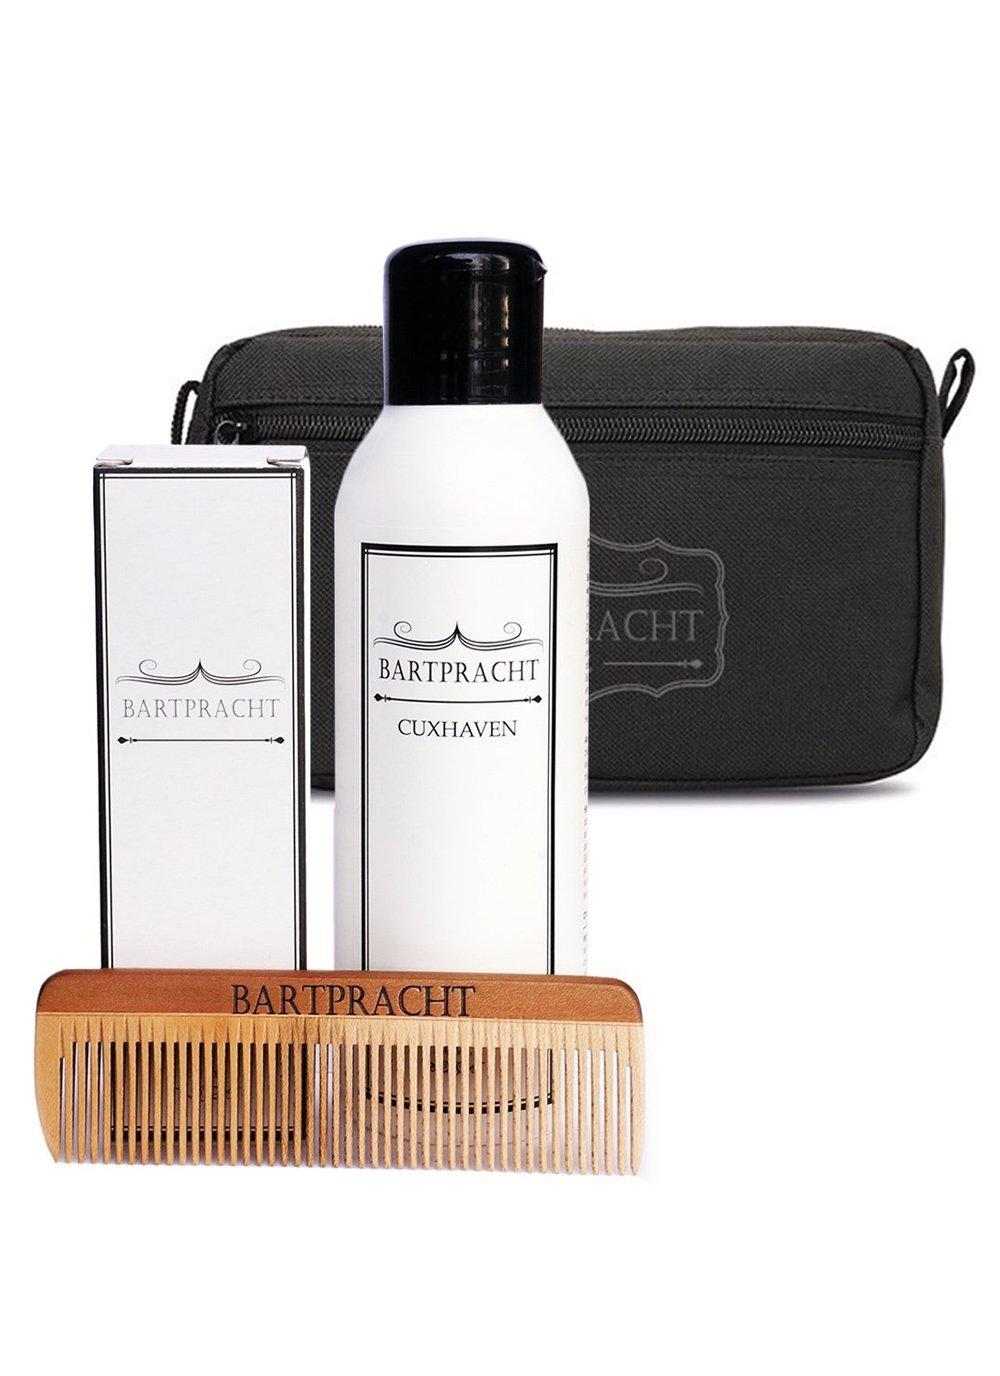 Barba PRACHT Juego de cuidado de Deluxe, incluye bartöl, barba Jabón & Peine con Neceser, alrededor de para de cuidado para la barba, perfecto Hombres de ...